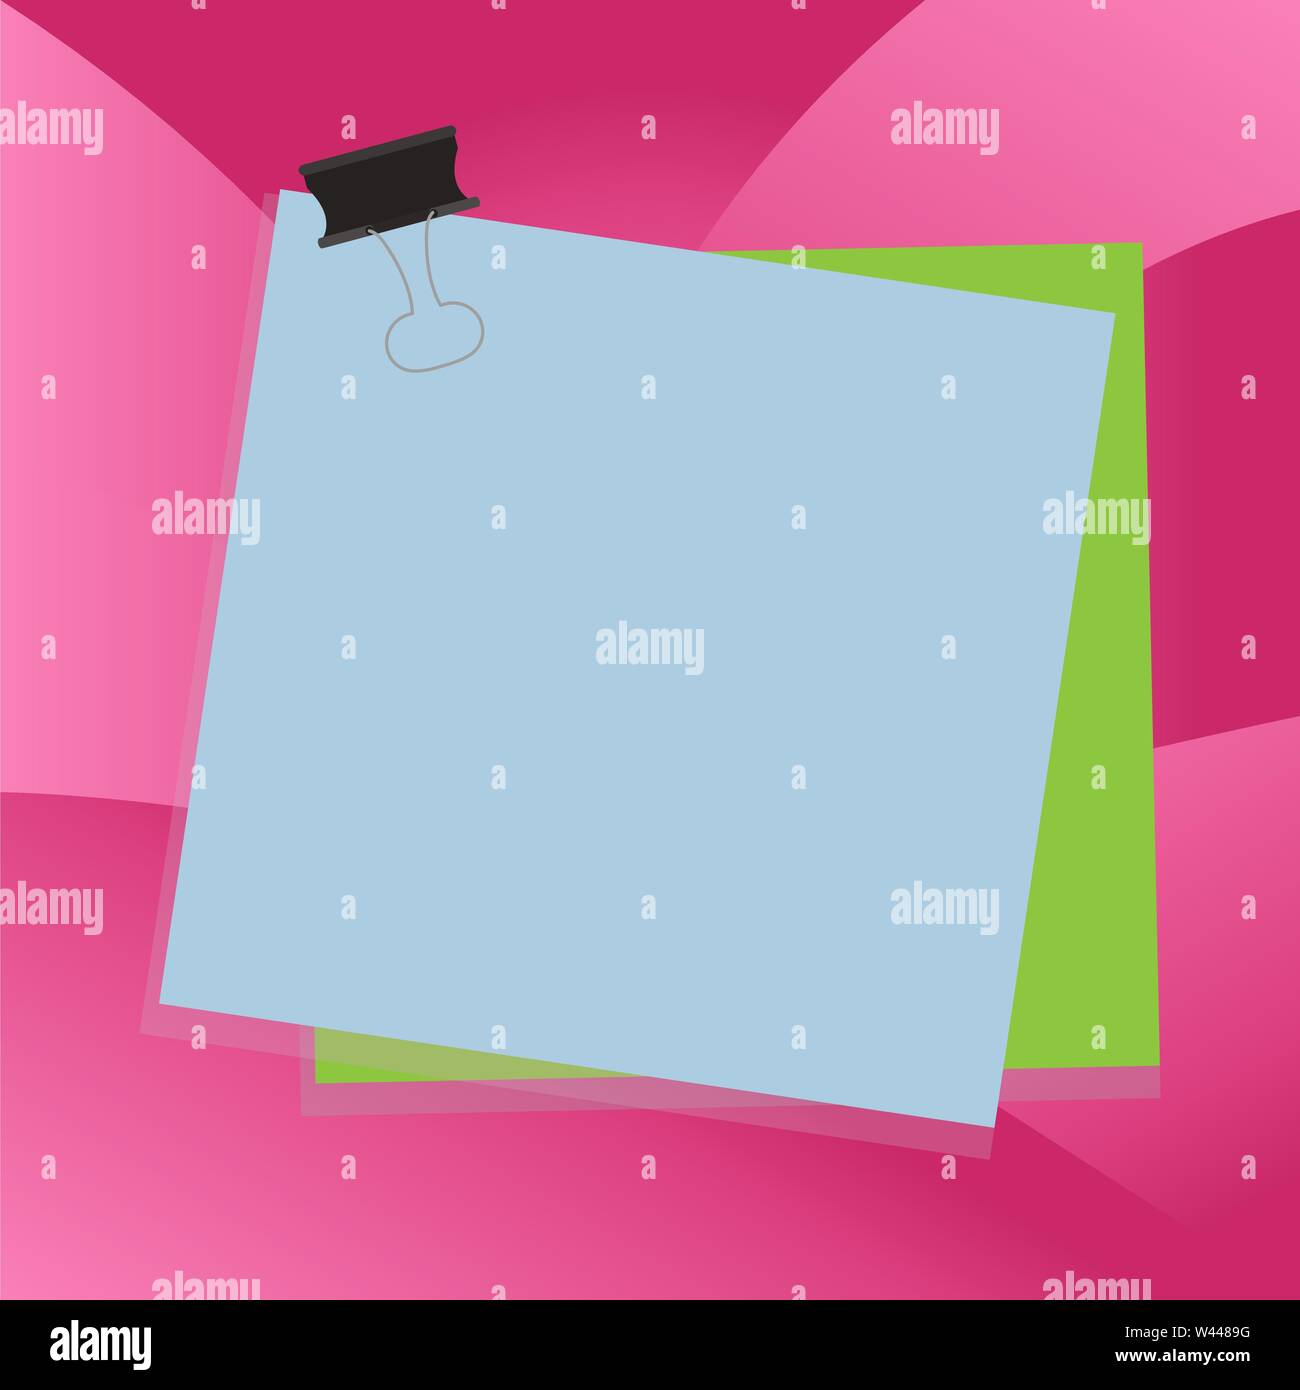 Carta bloccata binder clip sfondo colorato memo promemoria di forniture per ufficio business Design modello vuoto isolato grafica minimalista modello di impaginazione per Immagini Stock